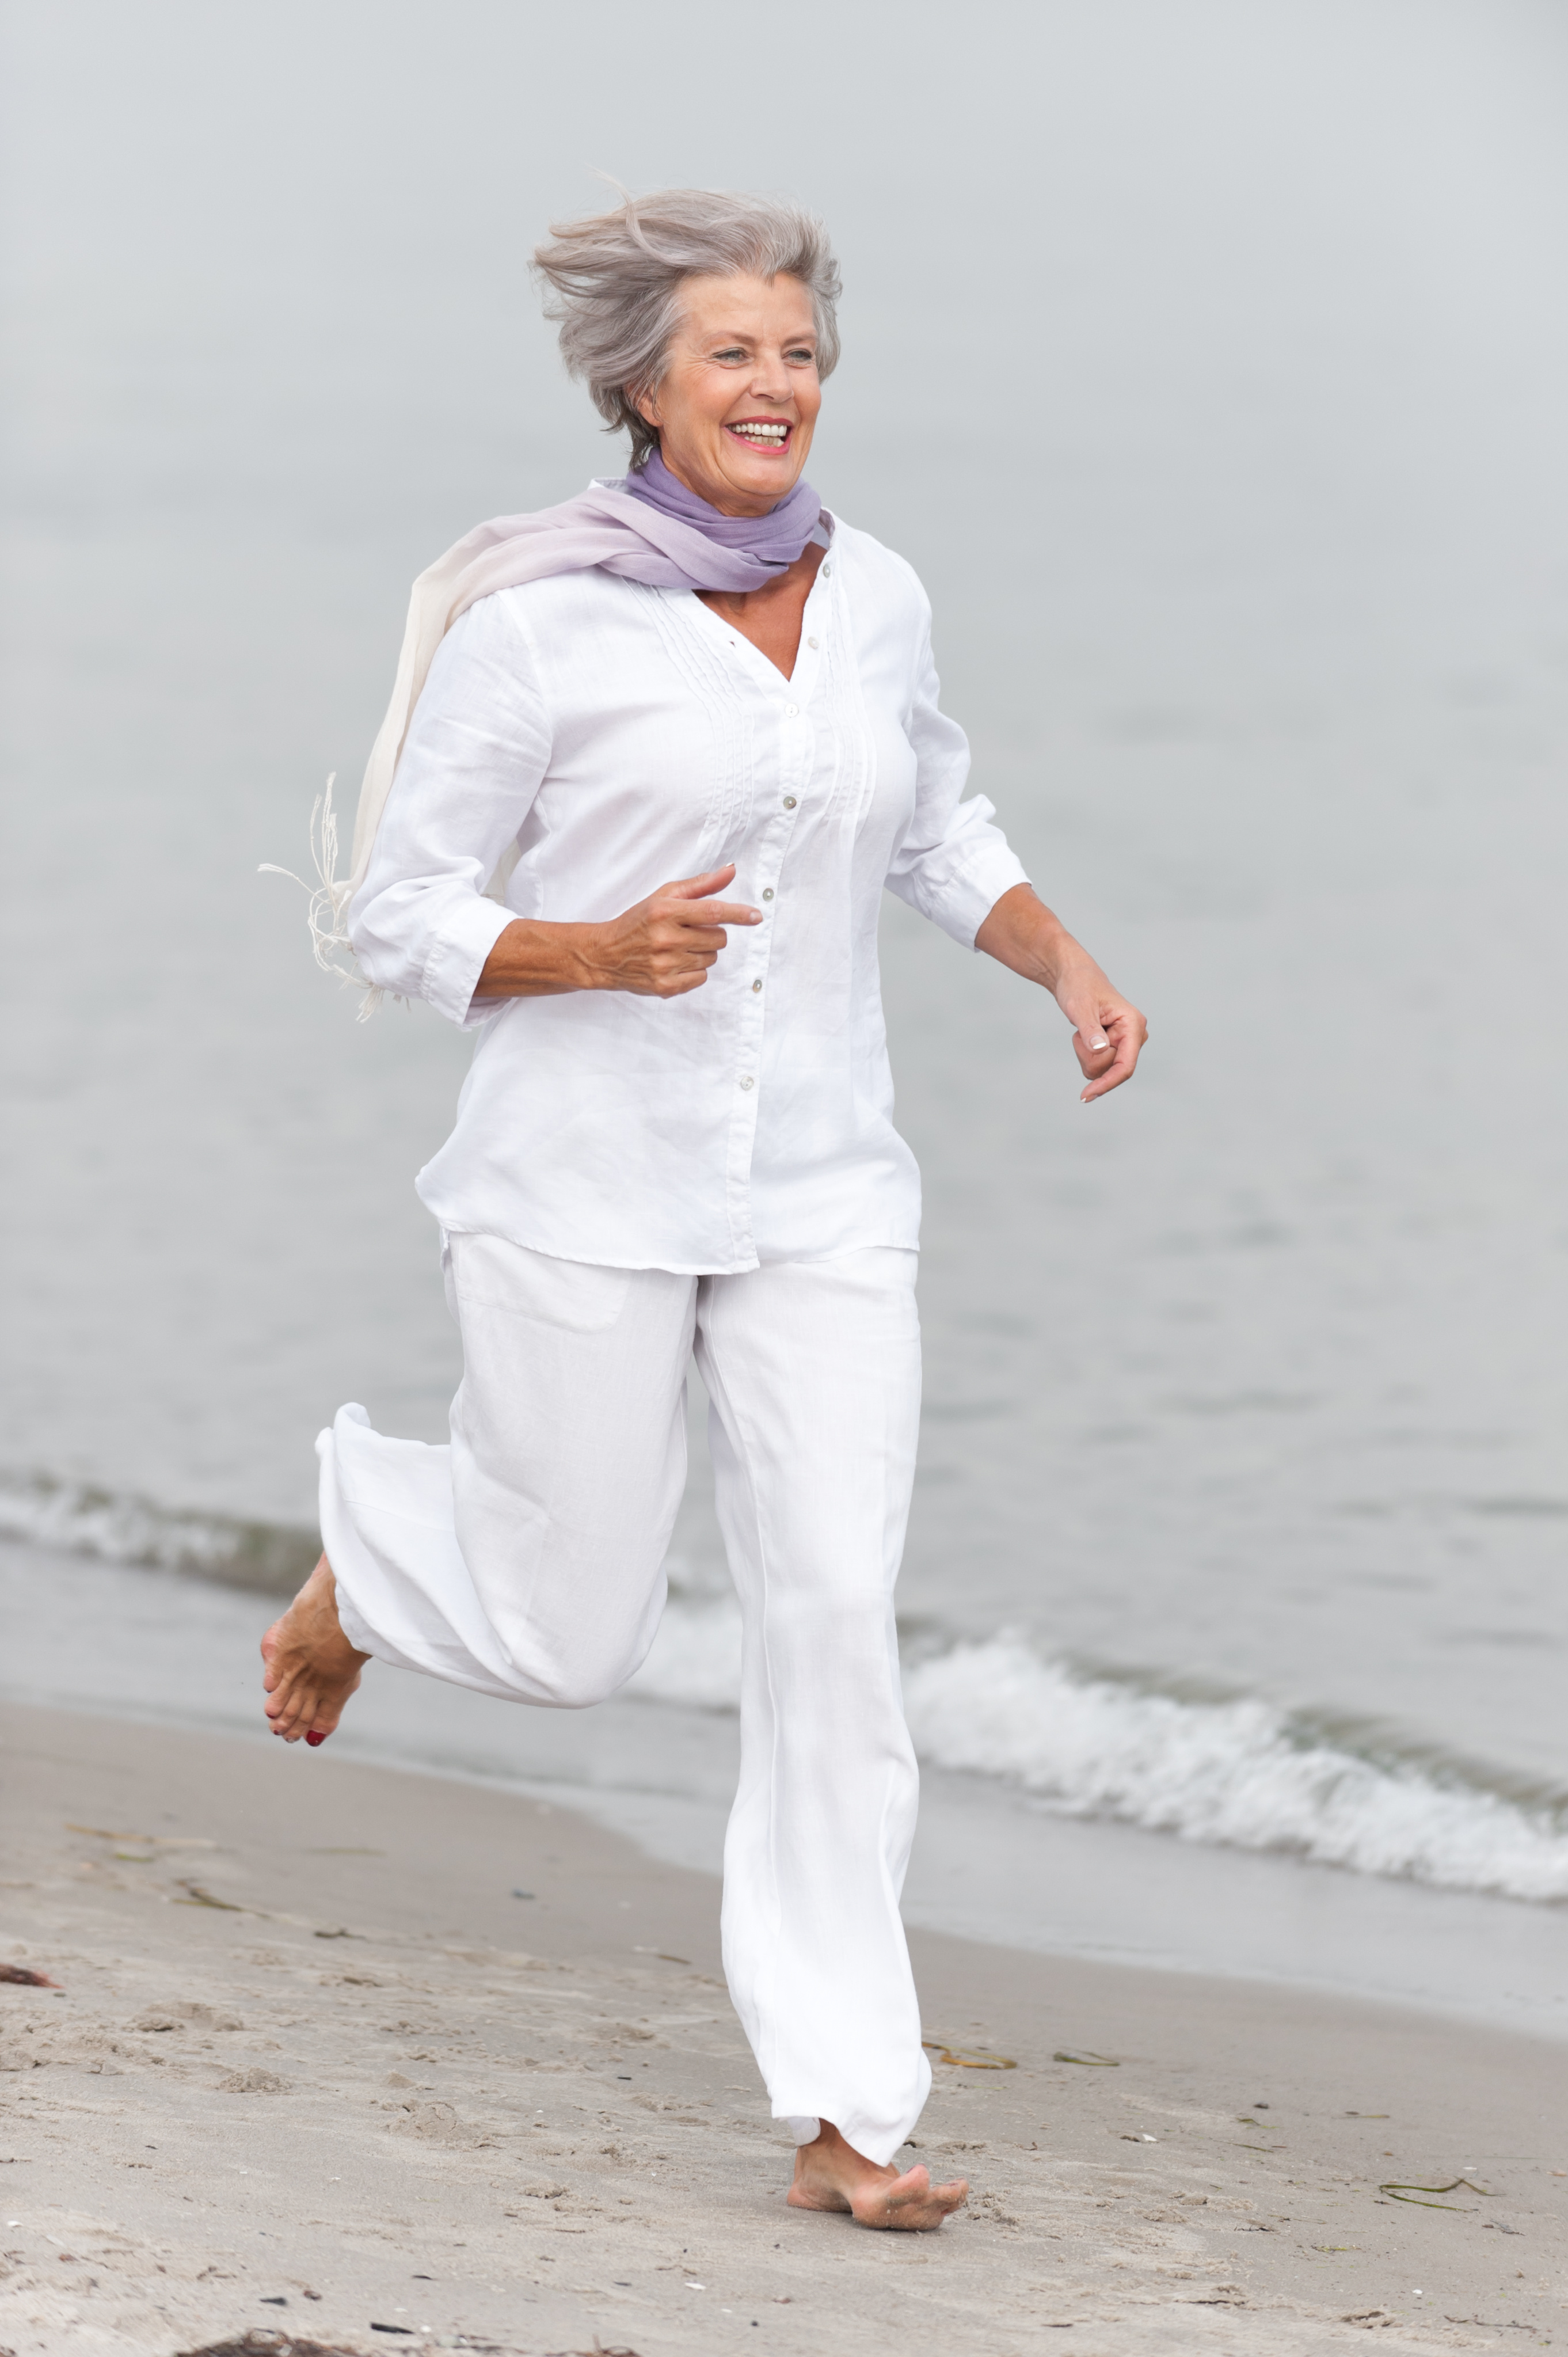 Corso menopausa in ottica PNEI